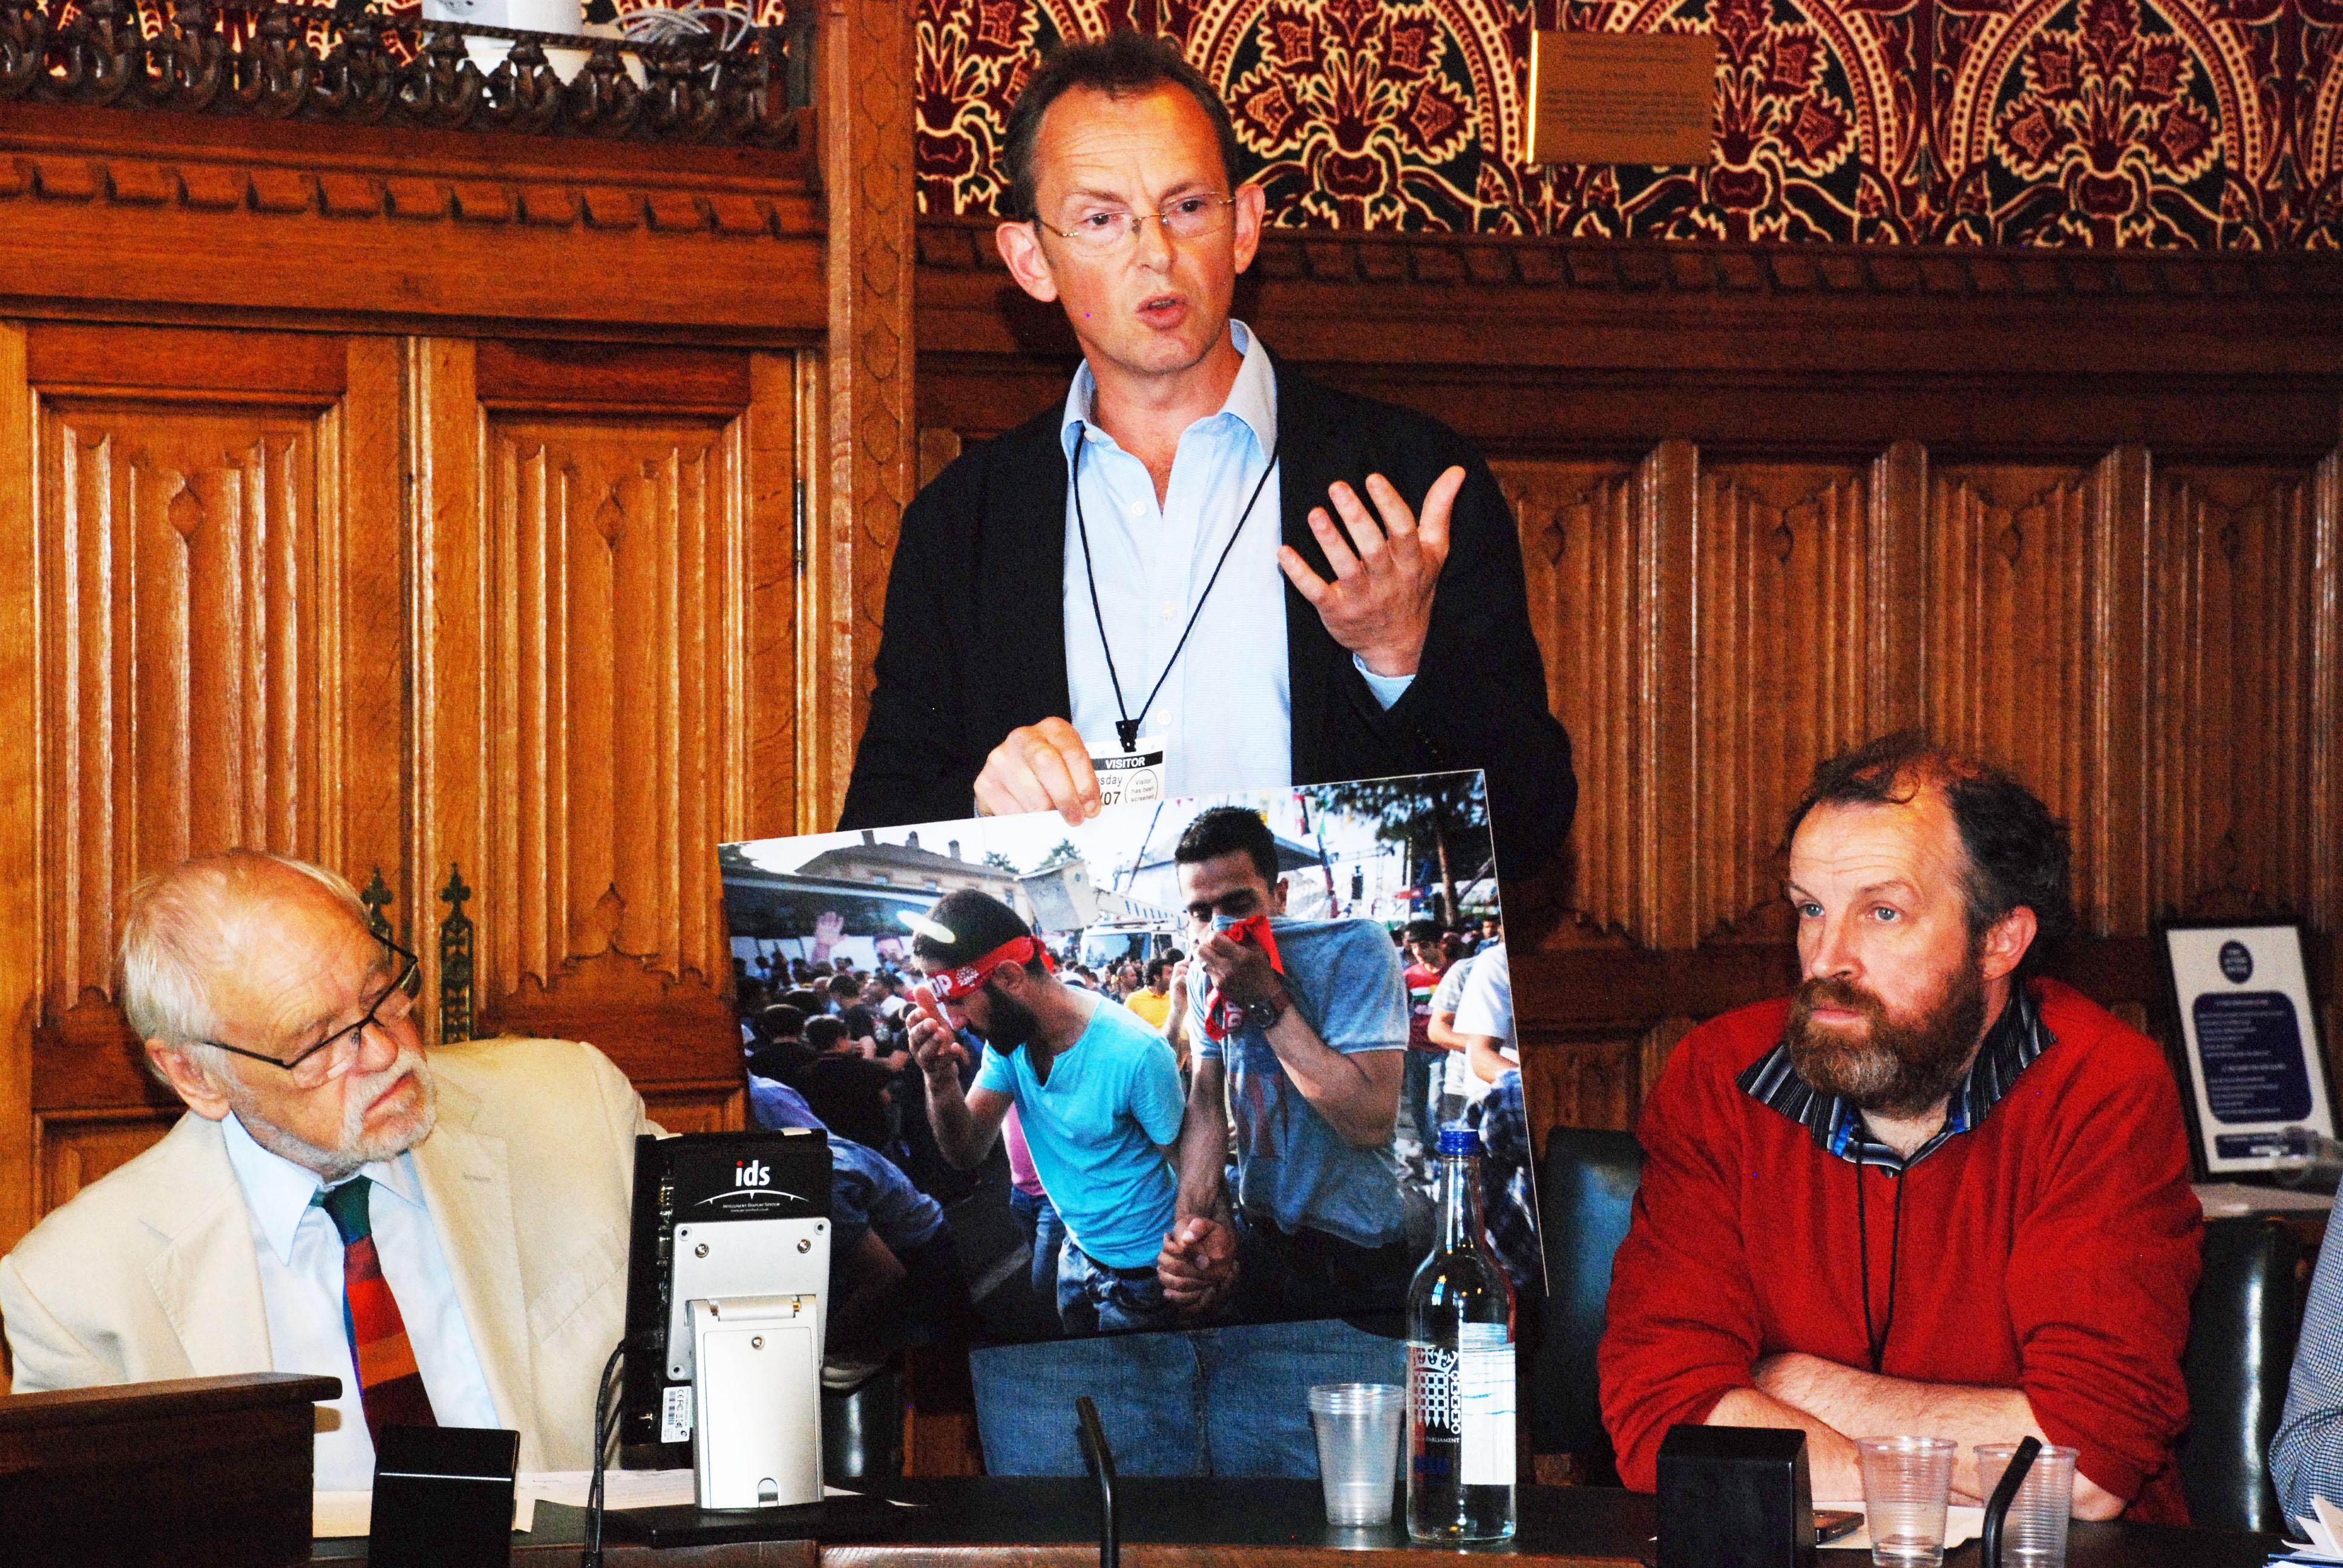 Sean Hawkey, photojournalist